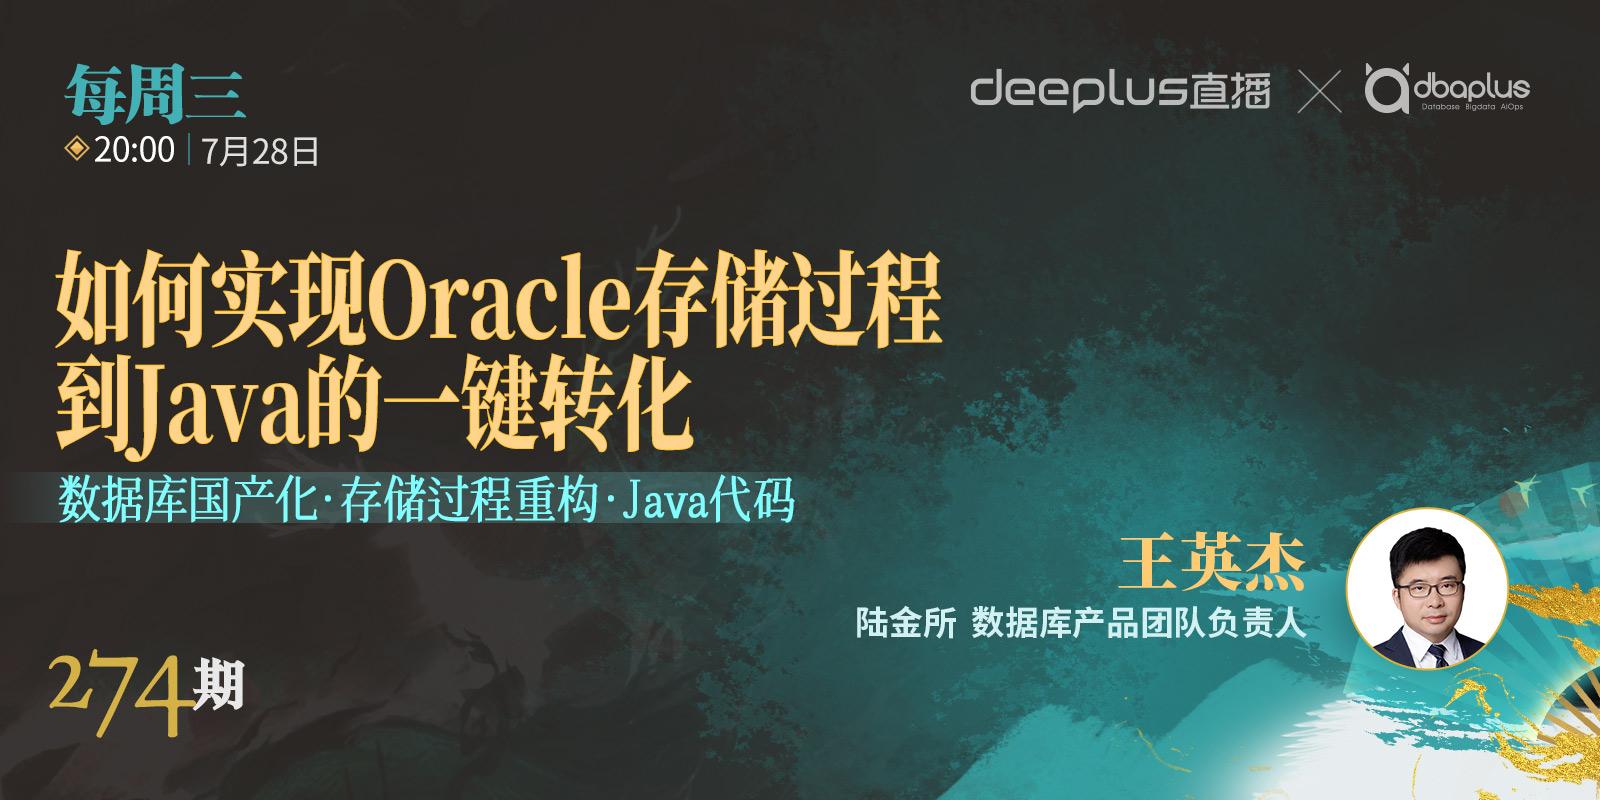 【dbaplus社群线上分享274期】如何实现Oracle存储过程到Java的一键转化